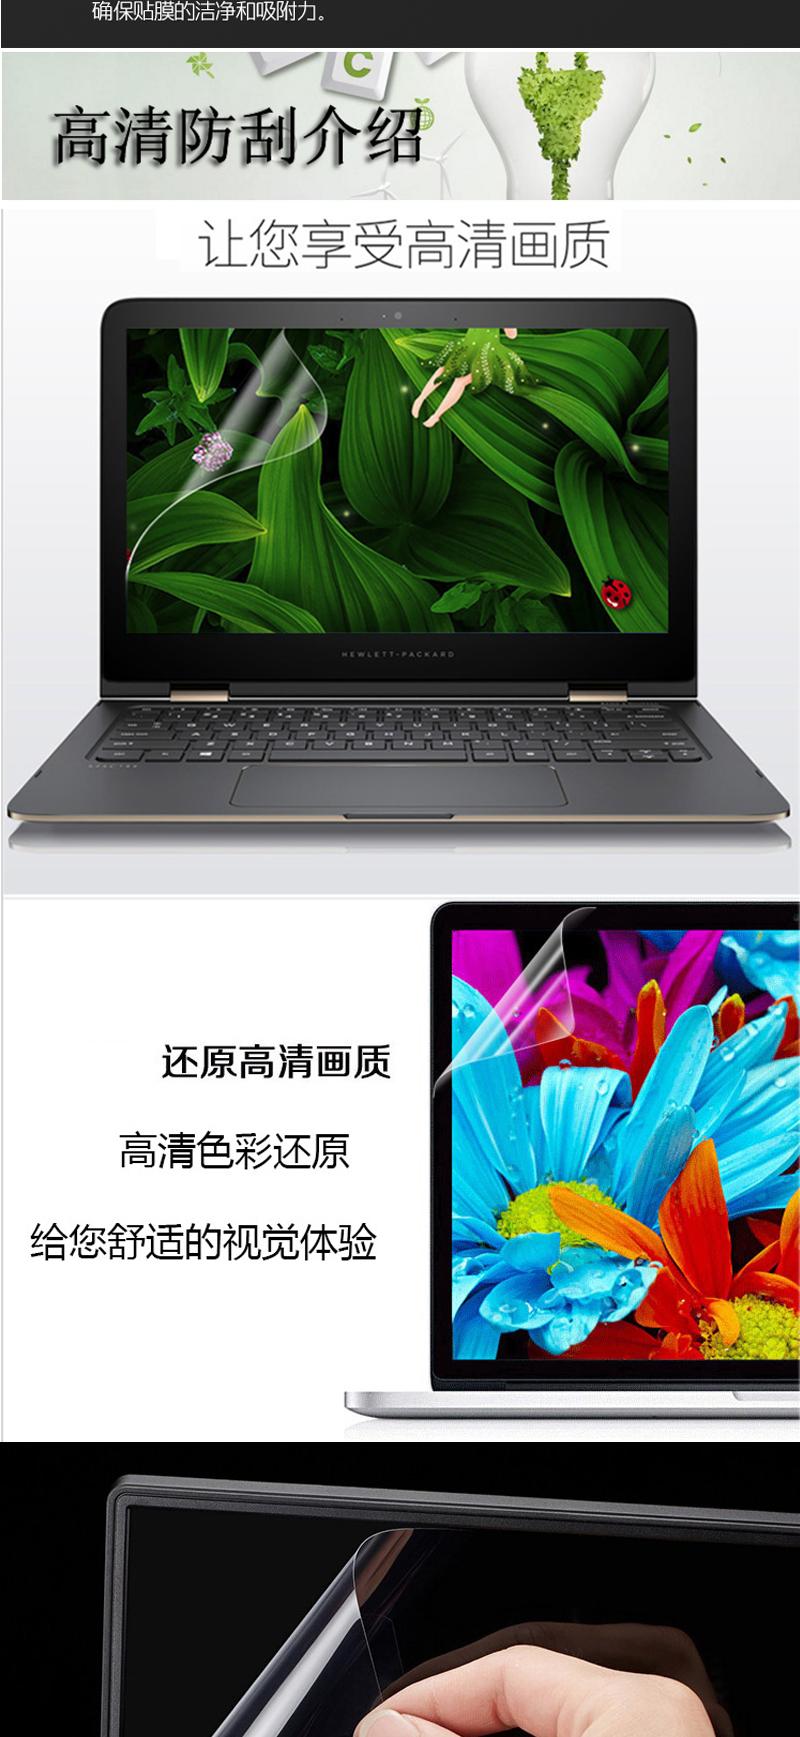 Dán Macbook  133Macbook AirA1369A1466 ABCD 苹果A1369/A1466(苹果004) - ảnh 35